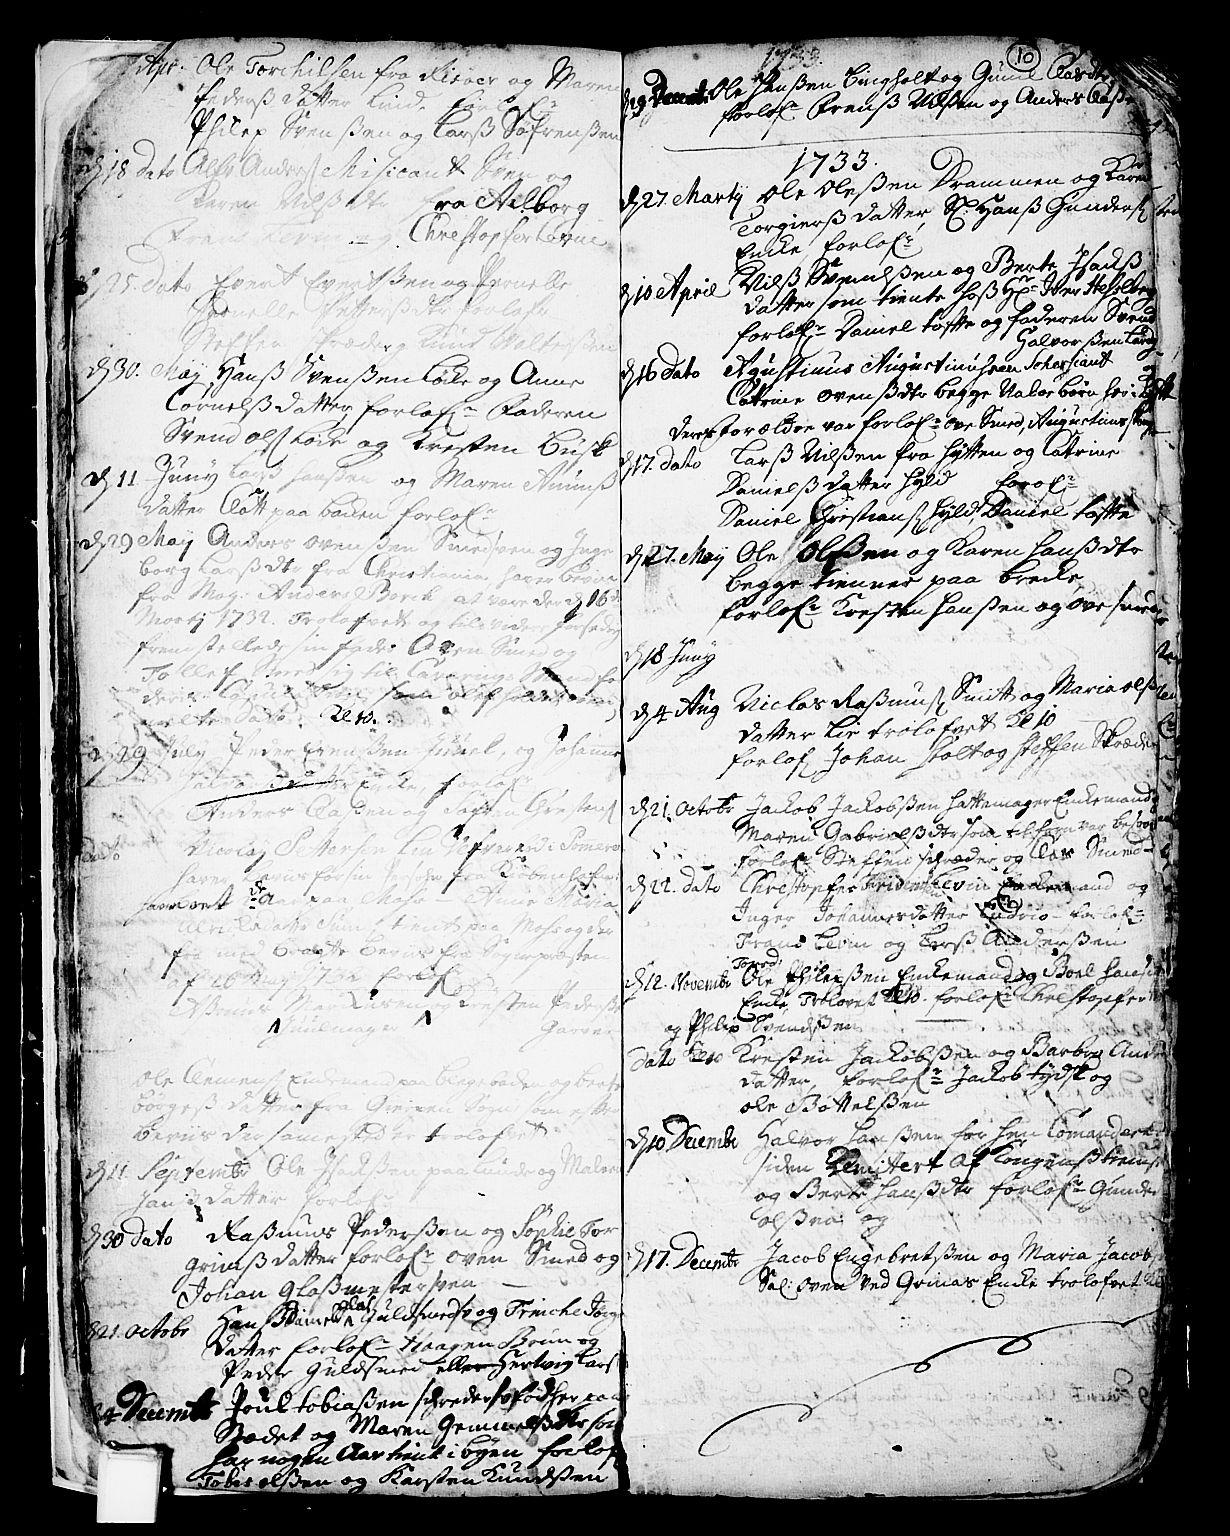 SAKO, Skien kirkebøker, F/Fa/L0002: Ministerialbok nr. 2, 1716-1757, s. 10